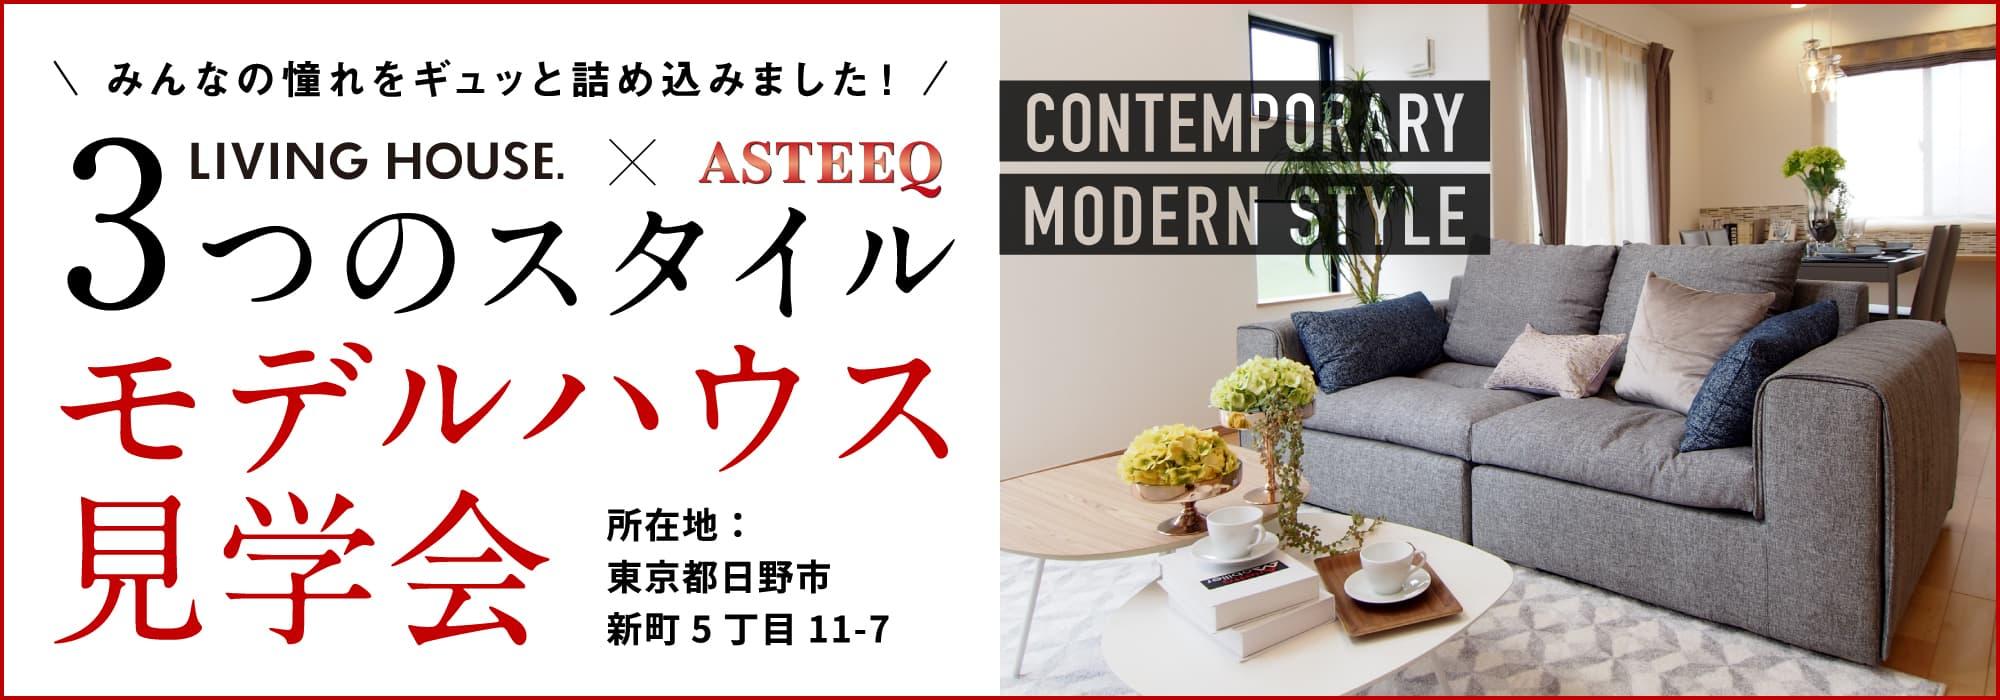 みんなの憧れをギュッと詰め込みました! 3つのスタイルモデルハウス見学会 所在地:東京都日野市新町5丁目11-7